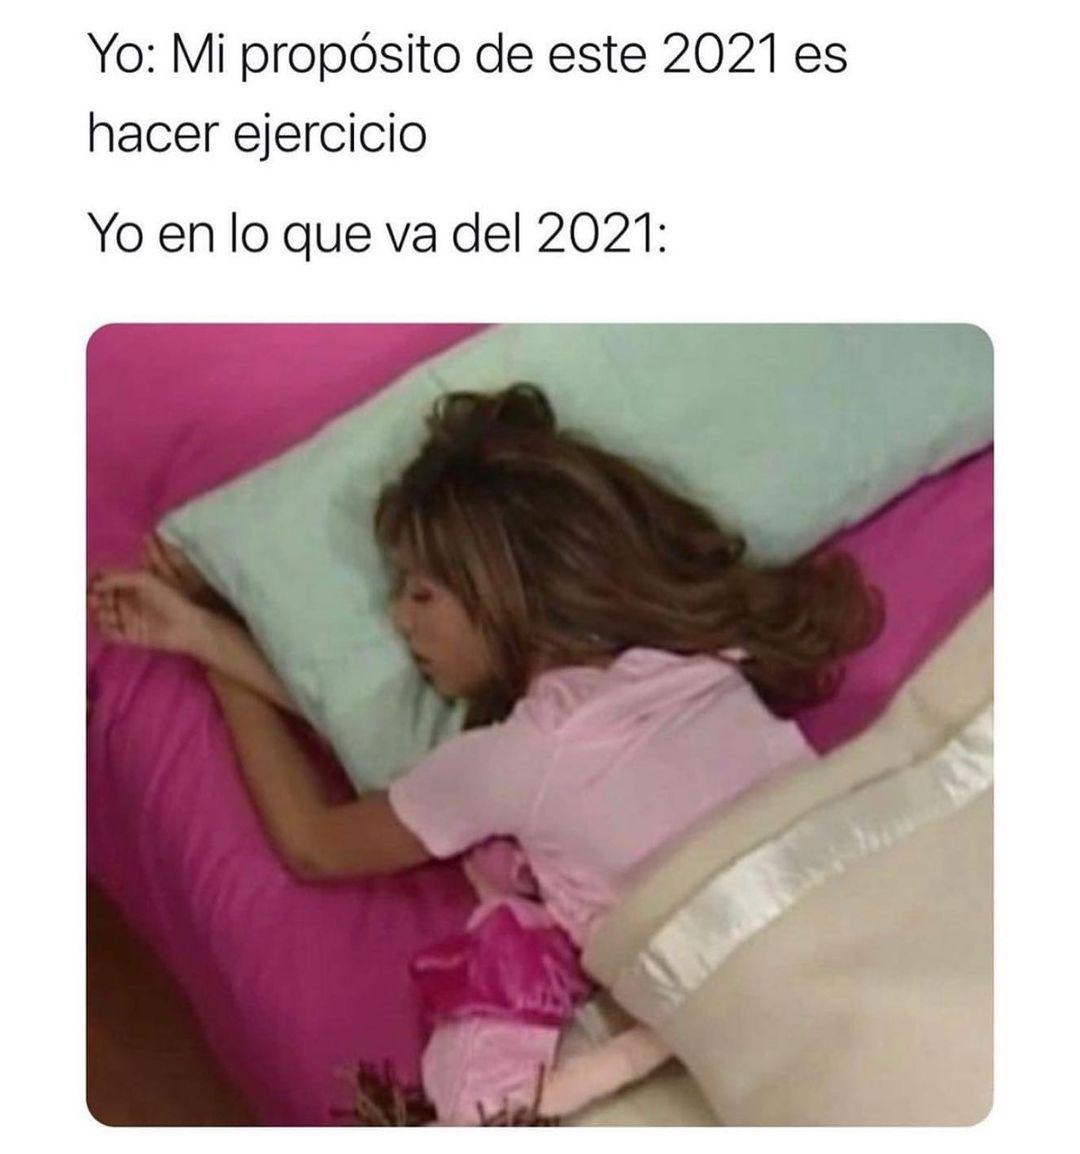 Yo: Mi propósito de este 2021 es hacer ejercicio.  Yo en lo que va del 2021: